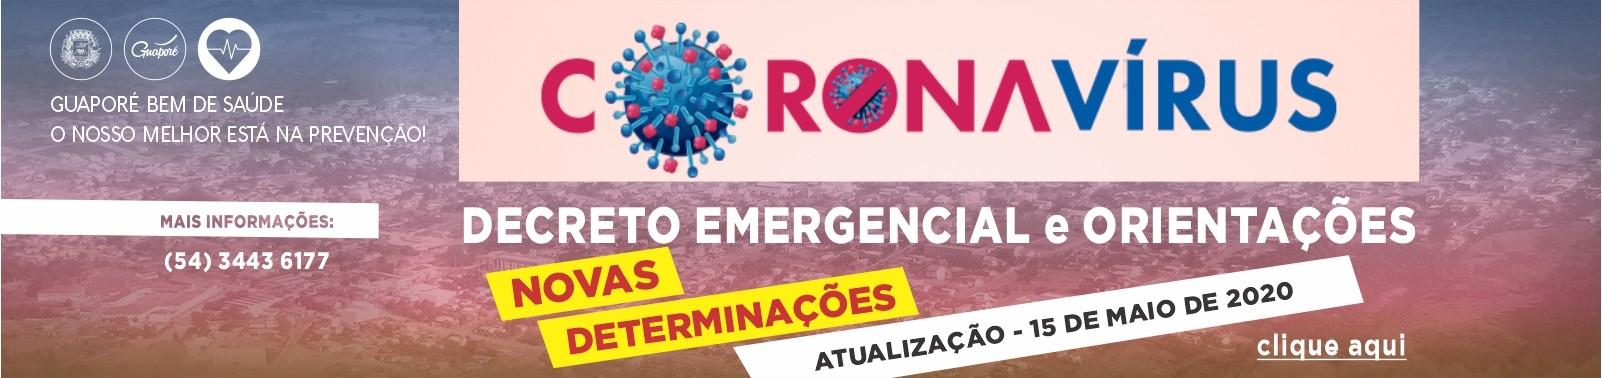 Banner 5 - Coronavírus - Decreto 6312